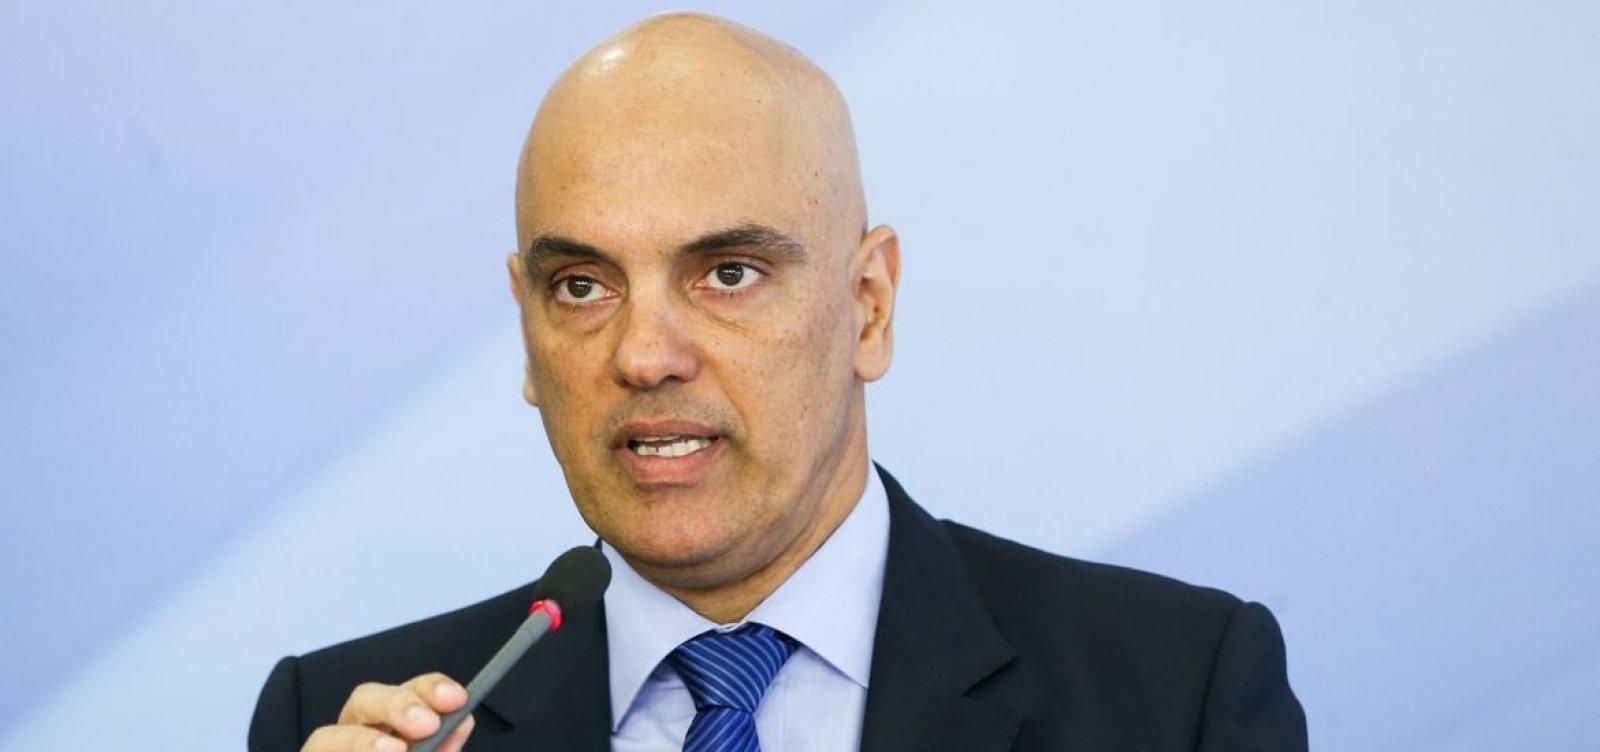 [Inquérito das fake news: Moraes diz que ameaça ao supremo é 'bandidagem']